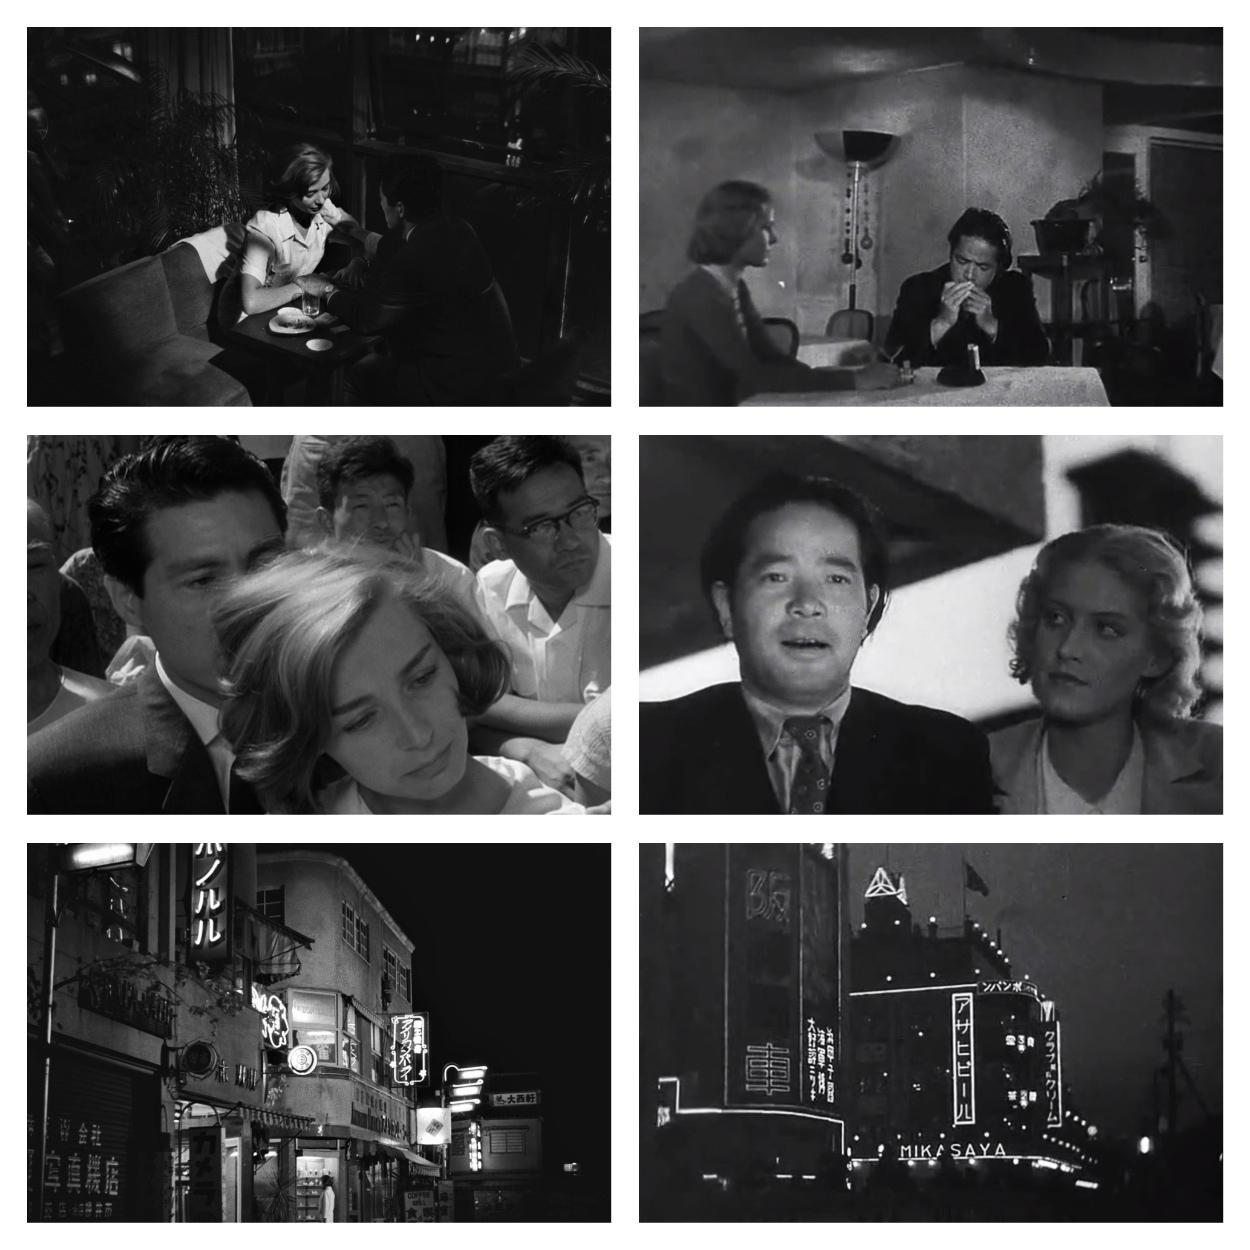 «Хиросима, моя любовь» (1959) Алена Рене vs. «Дочь самурая» (1937) Арнольда Фанка и Мансаку Итами